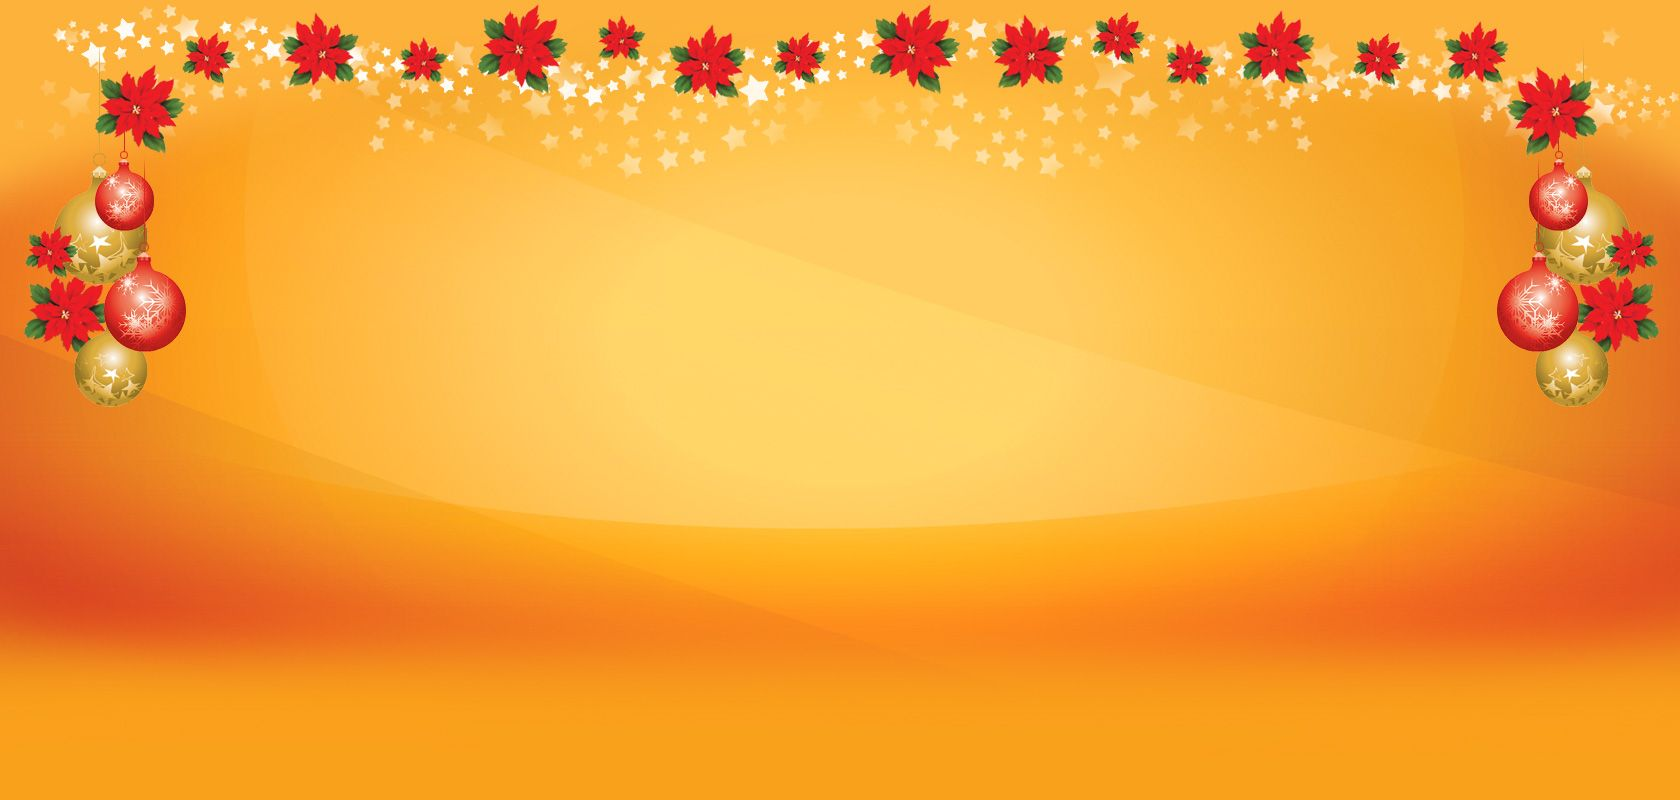 tarjetas navidad gratis para el mvil hd wallpapers